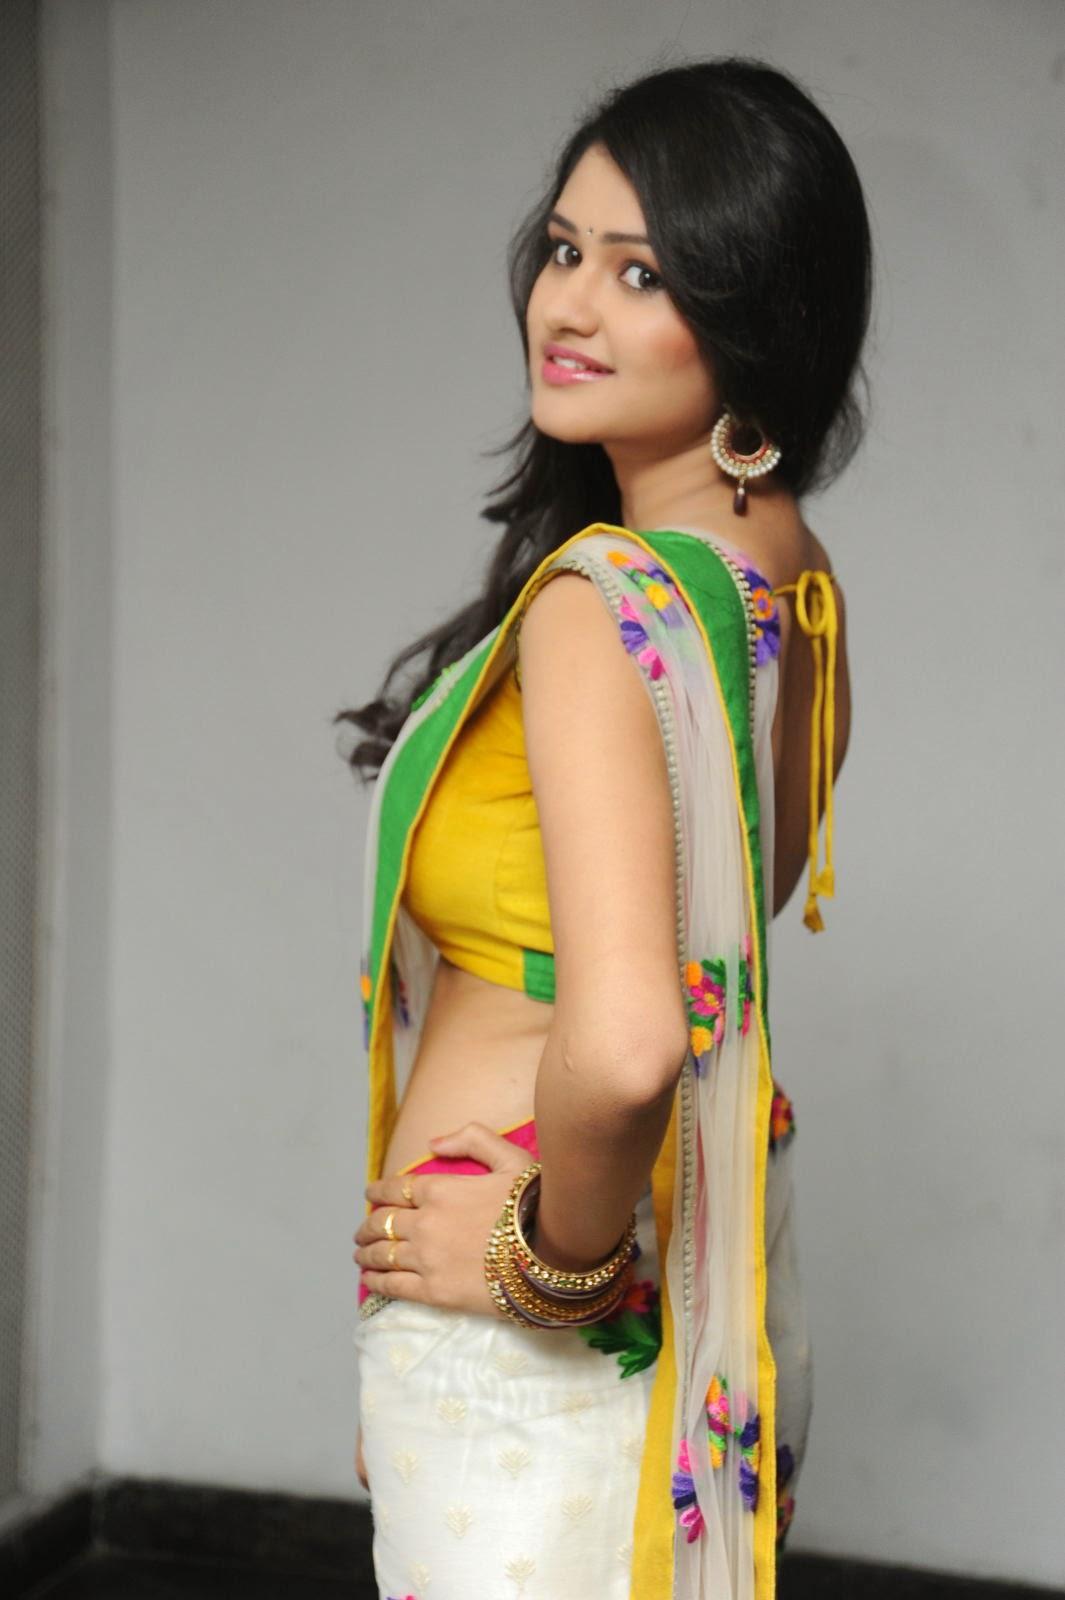 Kushi glamorous saree photos-HQ-Photo-6